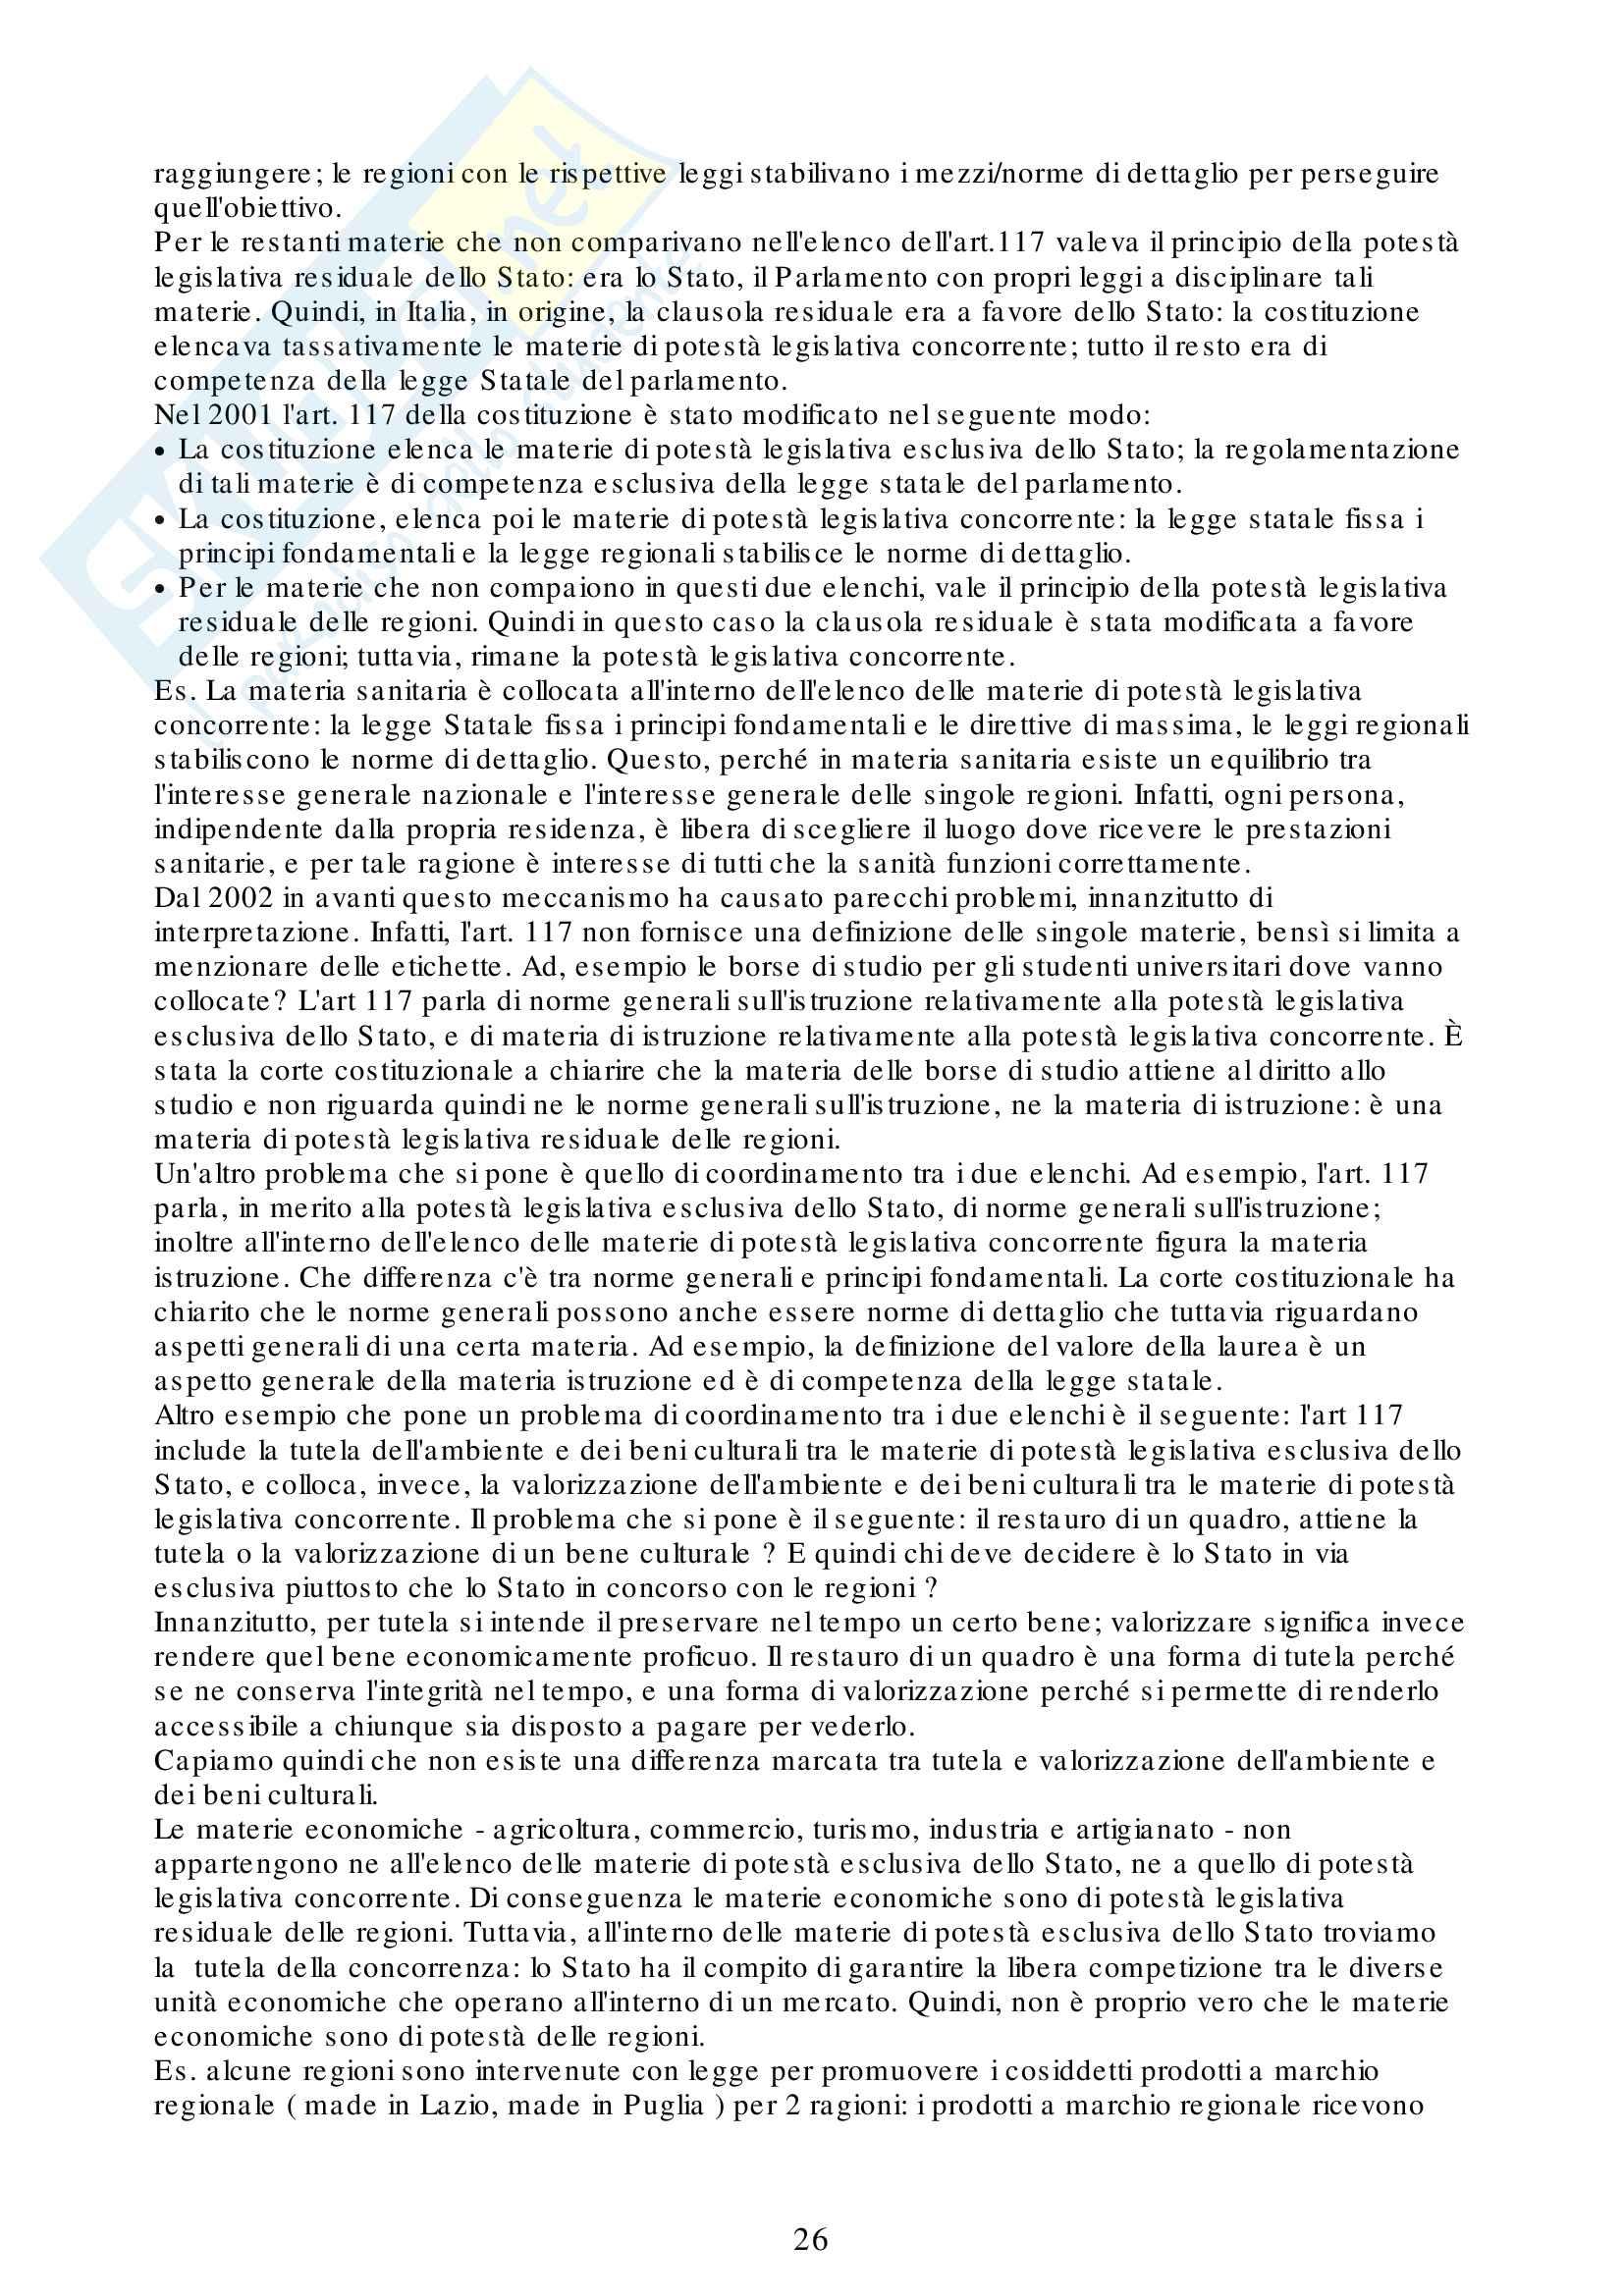 Appunti Diritto Pubblico e dell' Economia Pag. 26